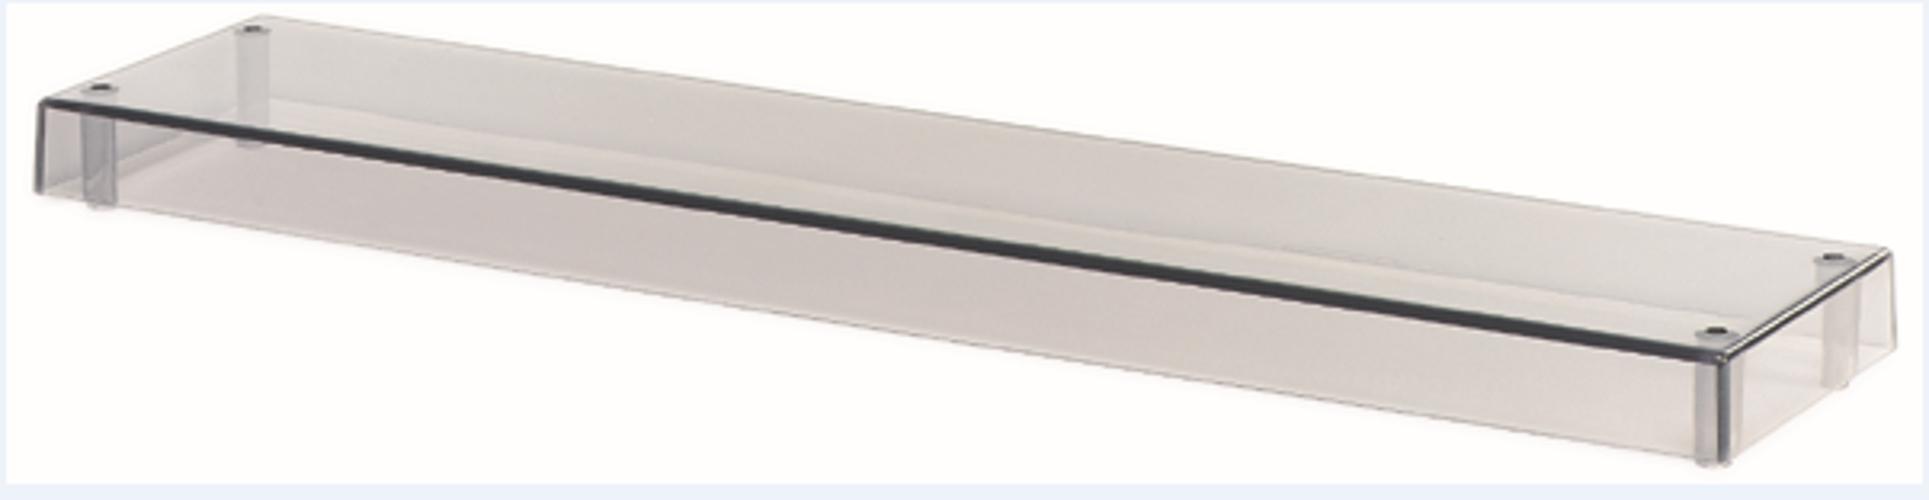 Tamper-Resistant Cover for Bogen Gold Seal Amplifiers